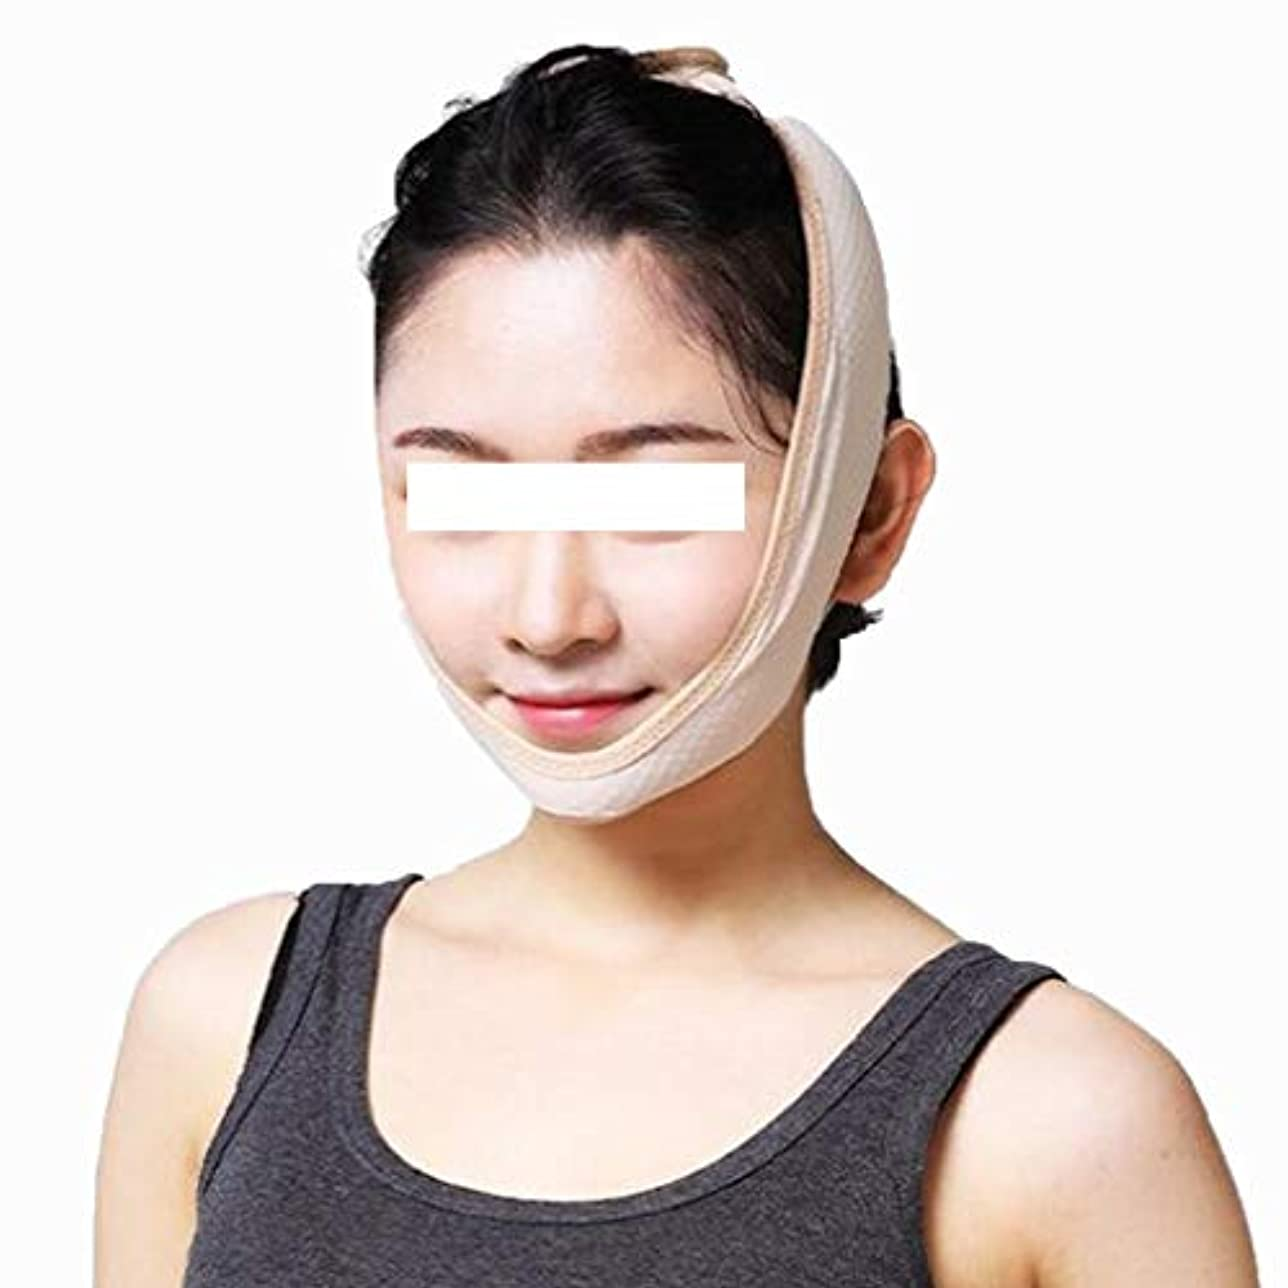 クロール曇った報いる顔のマスクのあごの首のベルトシートの反老化の表面は持ち上げます